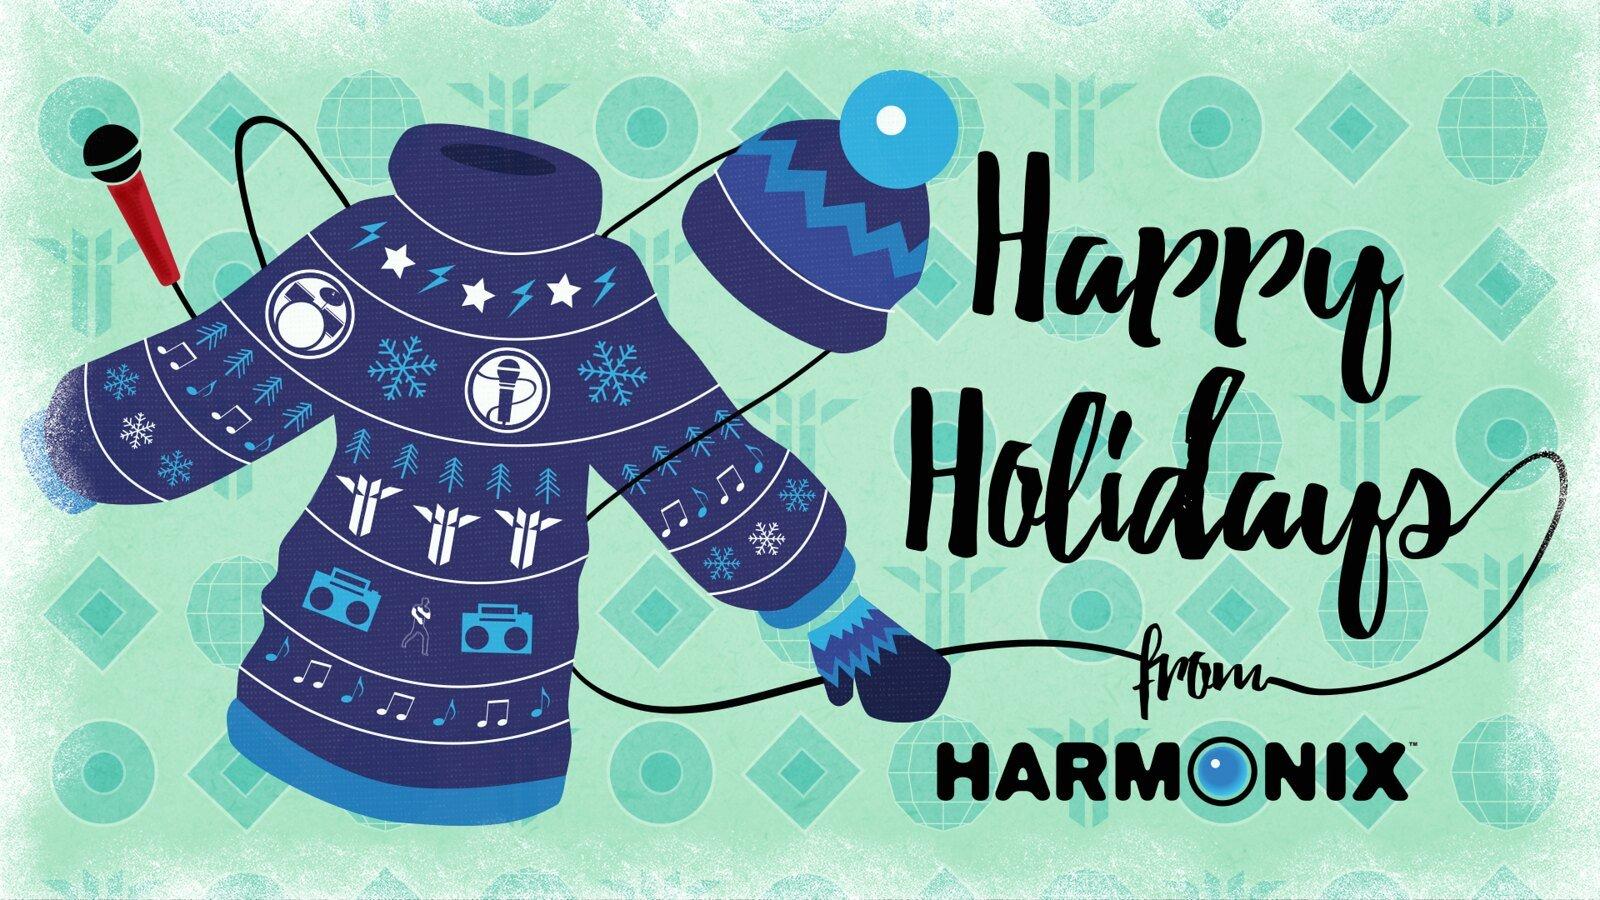 Harmonix Happy Holidays wallpaper